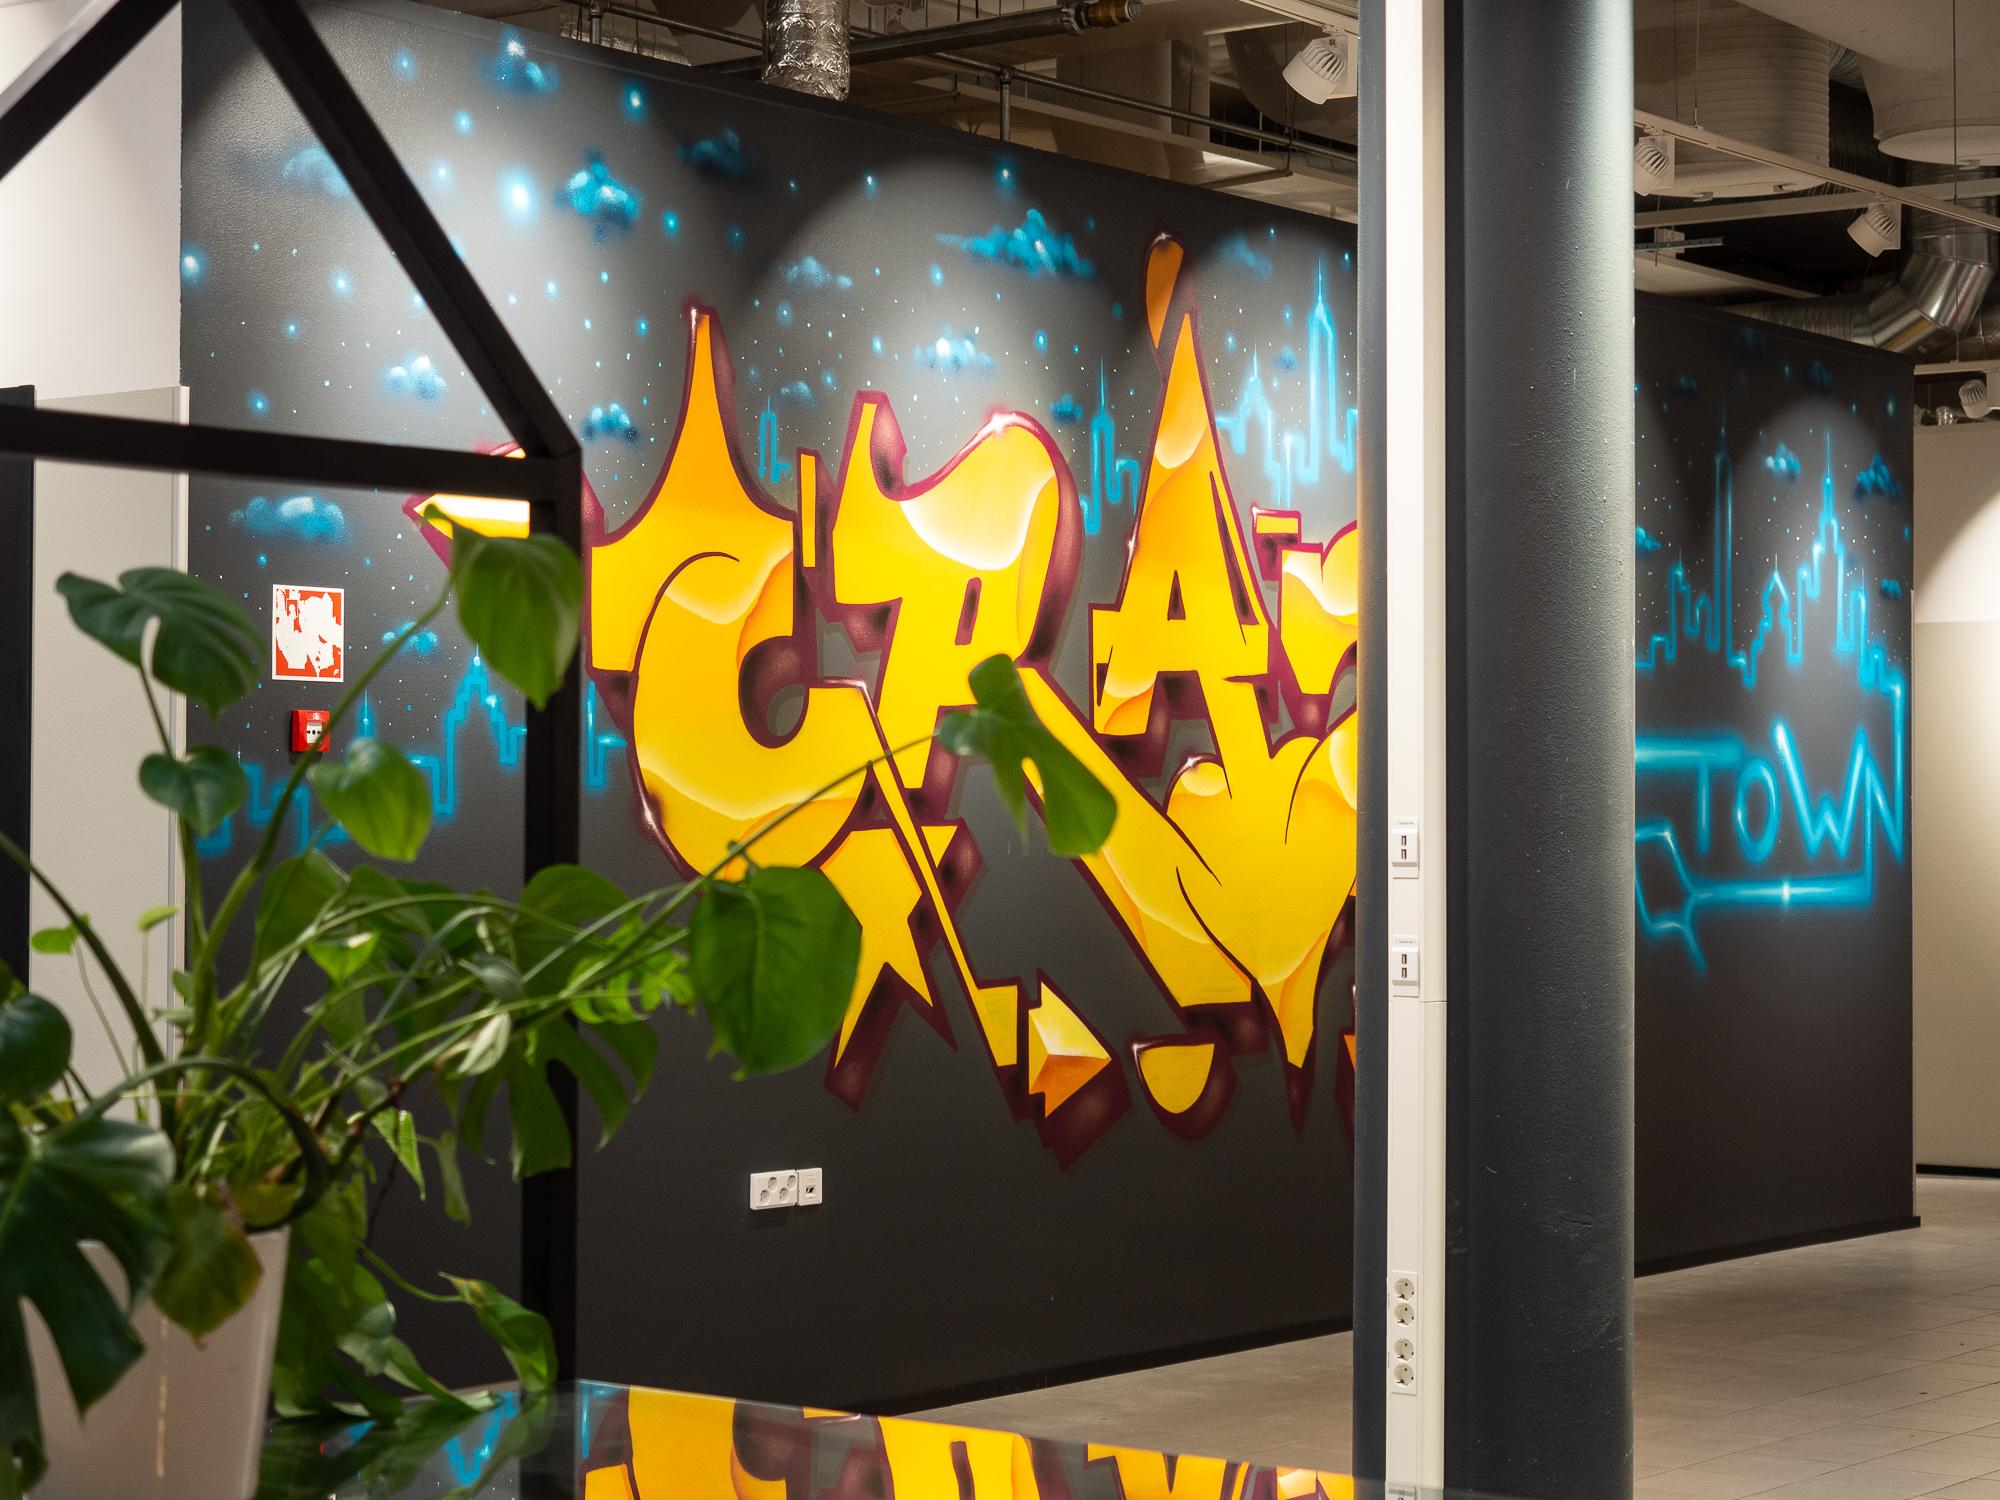 Otto Hiljander piipahti ja teki sisääntuloon näyttävän graffitin.